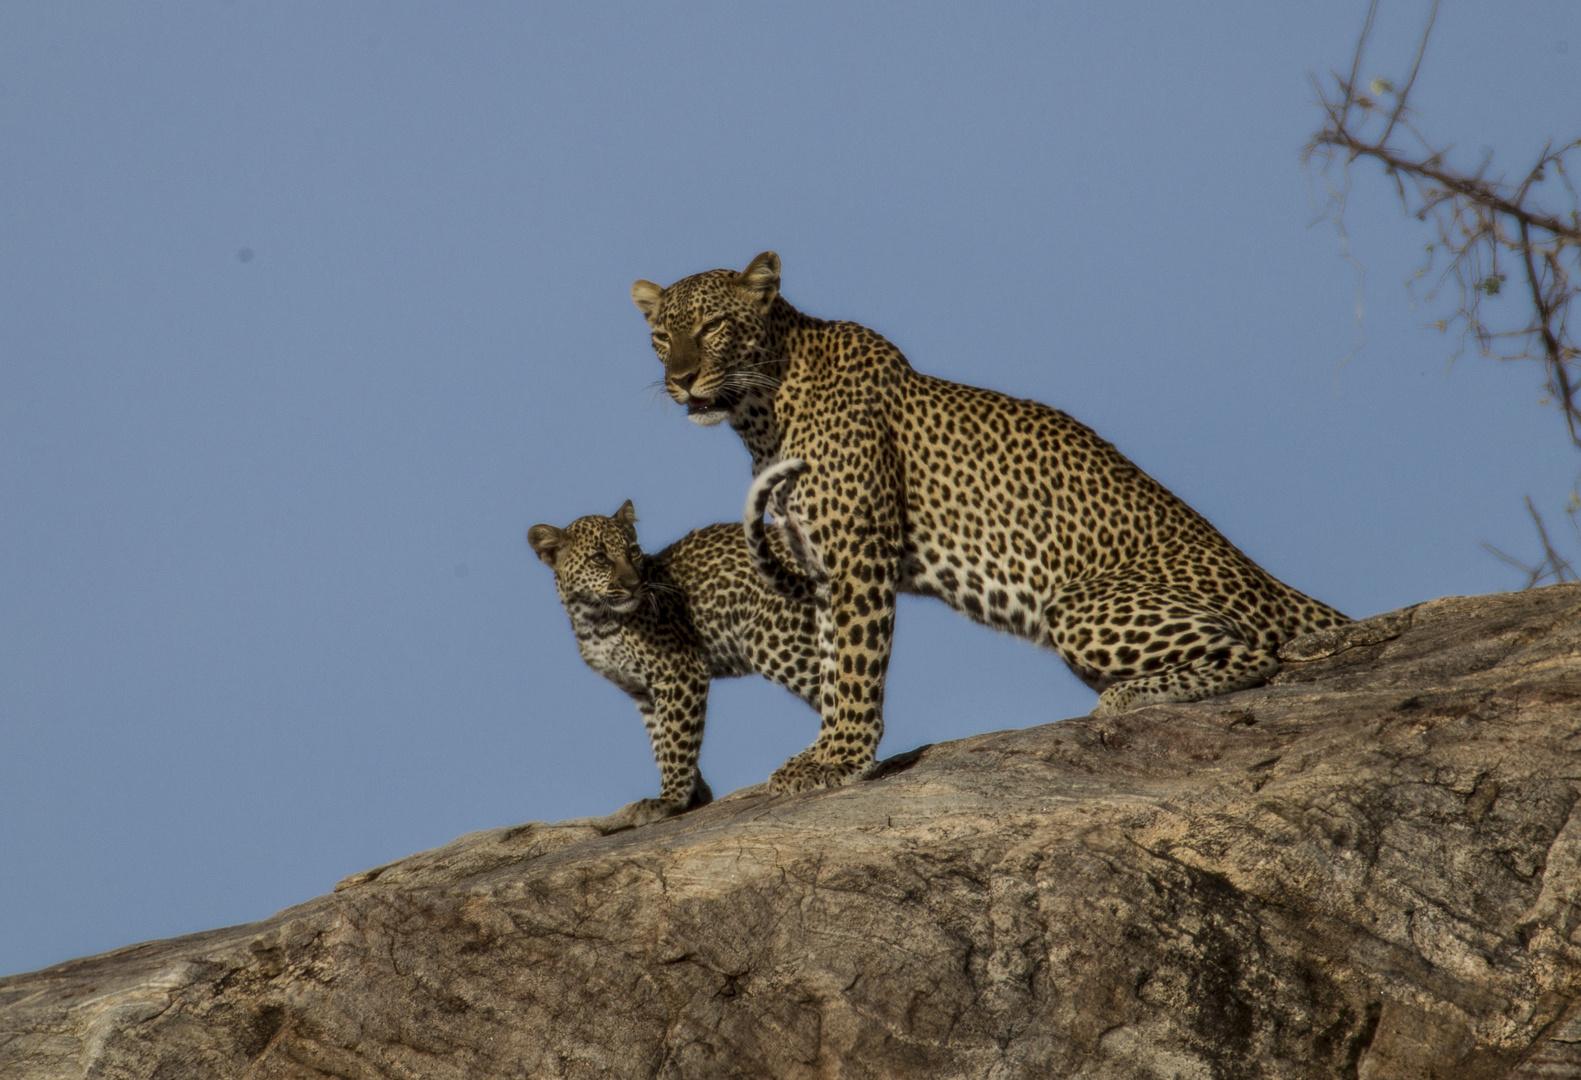 Leopardin mit ihrem Jungen